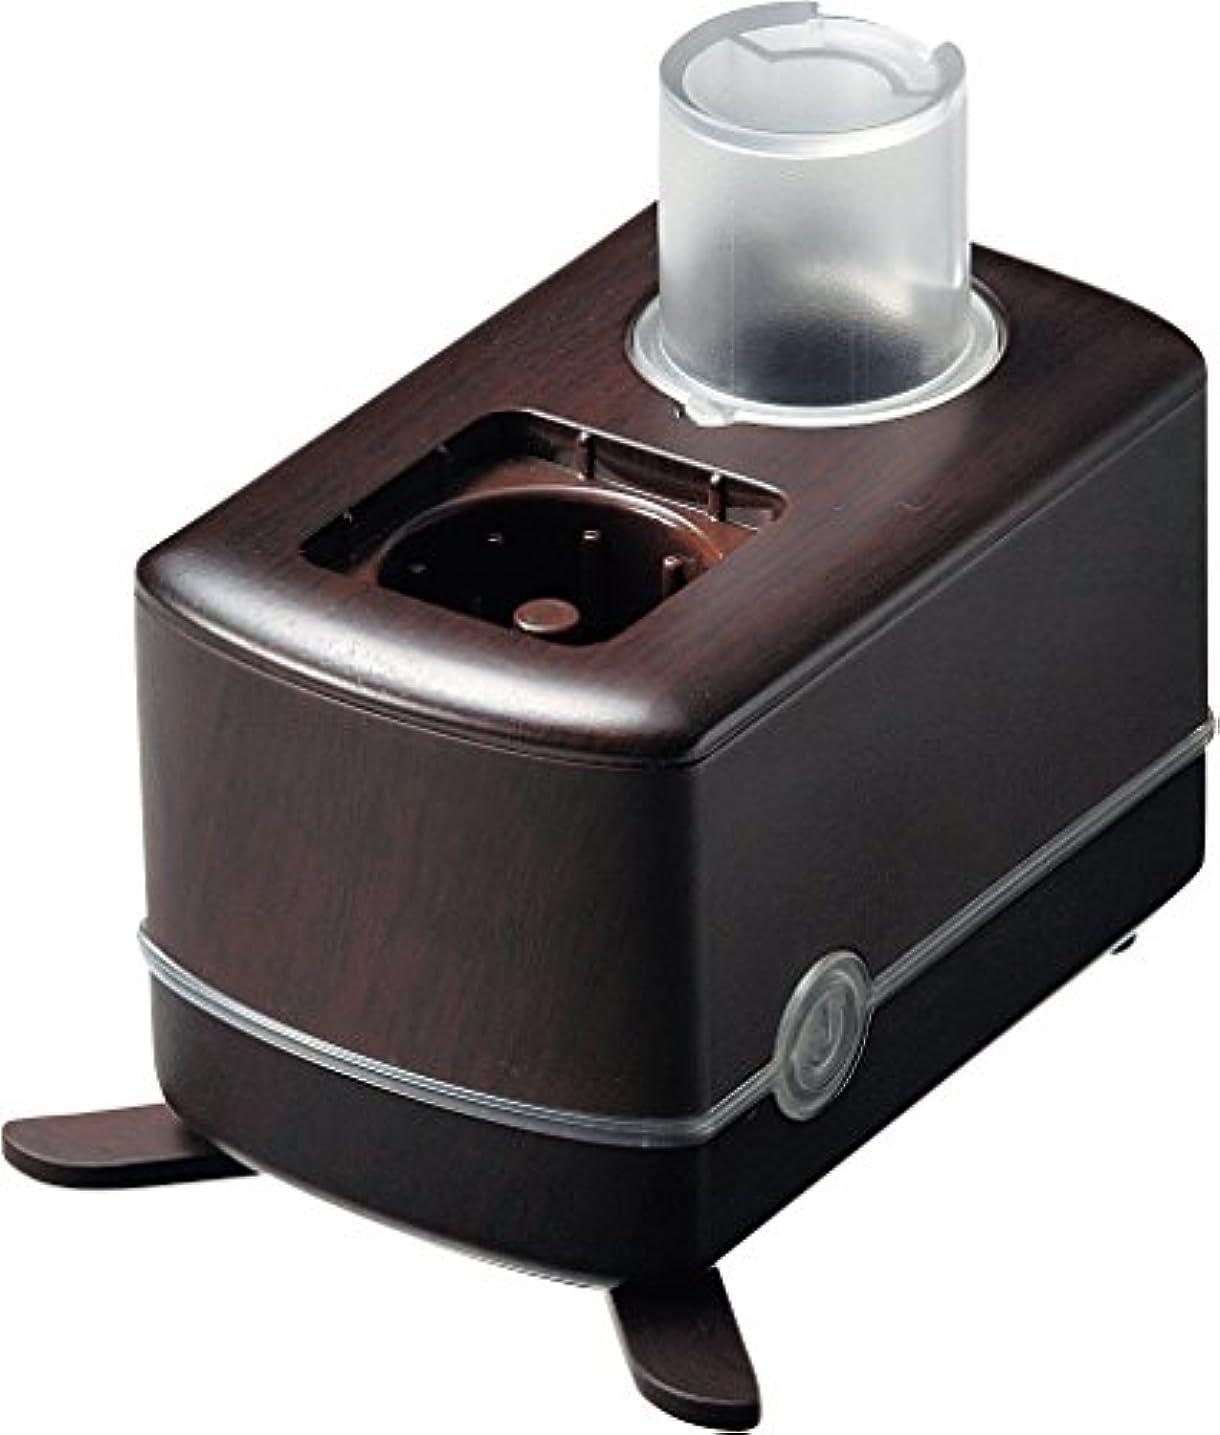 公園信じる人事ラドンナ PETボトル加湿器 ウッドパターン Ver. 2 WD57-HF ブラウン